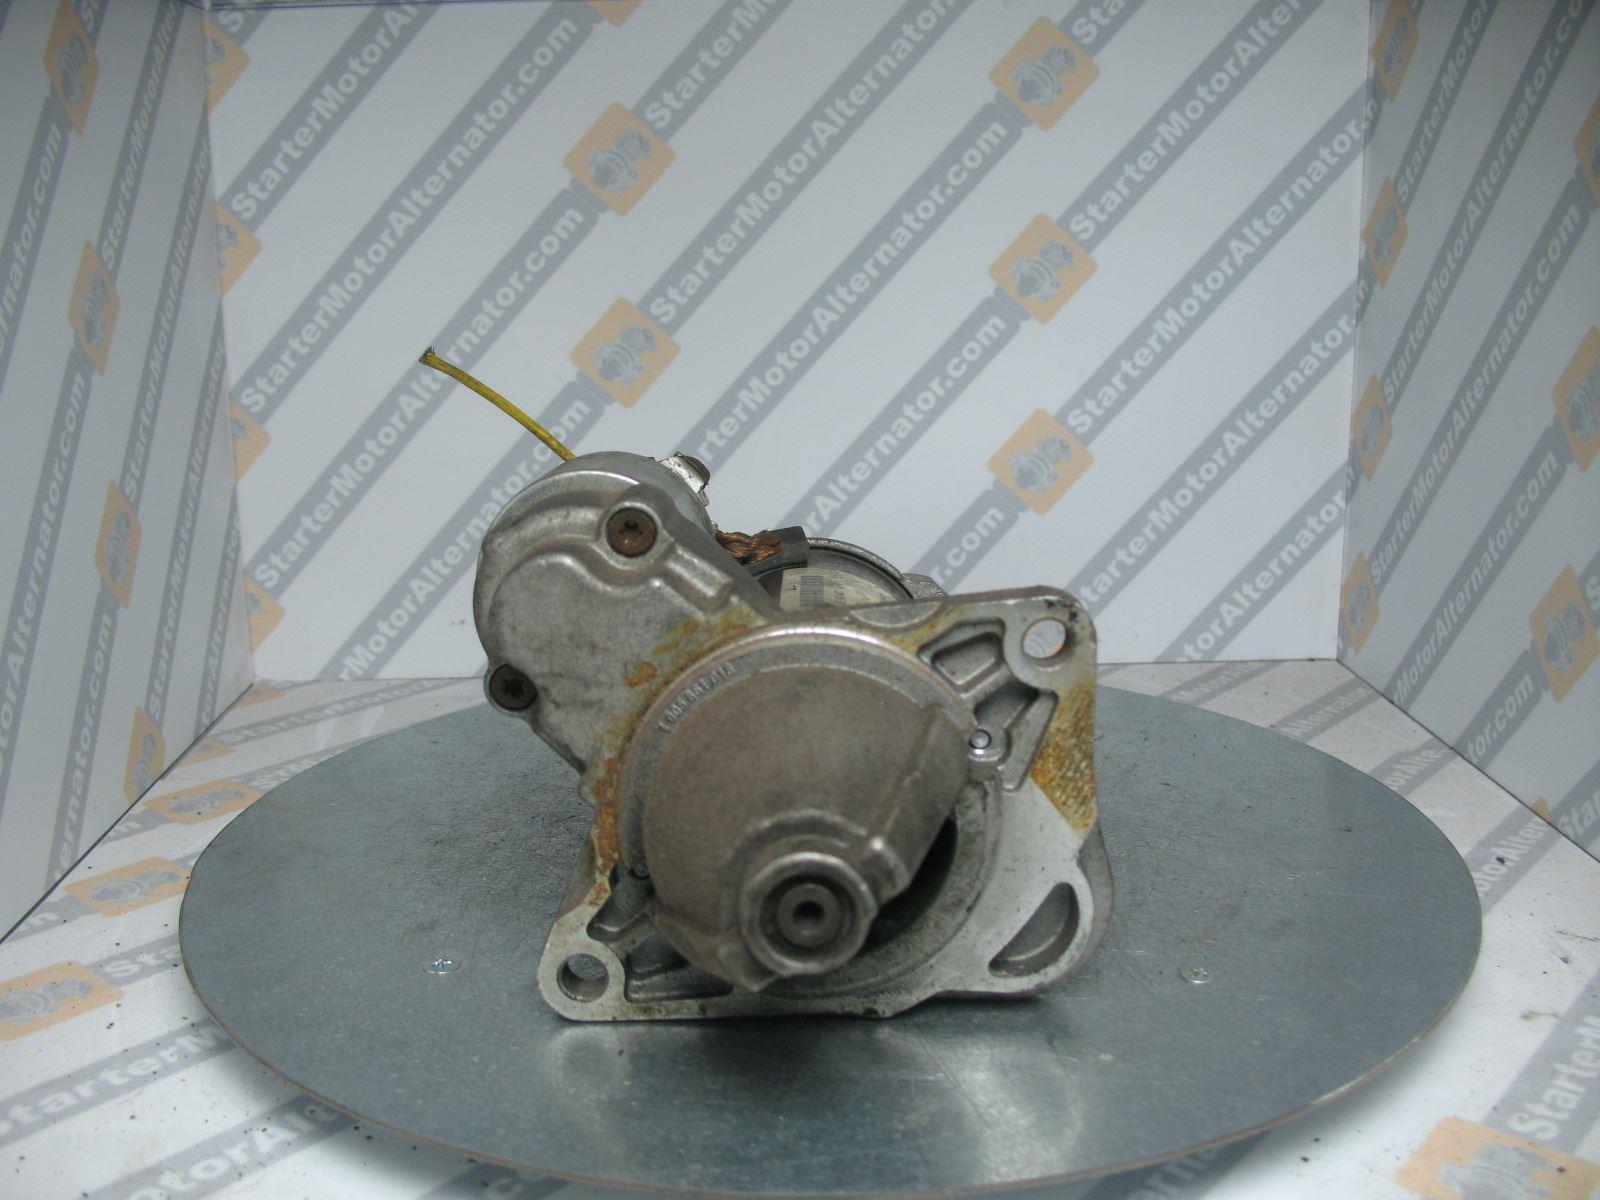 XIX1226 Starter Motor For Chevrolet / Opel / Vauxhall